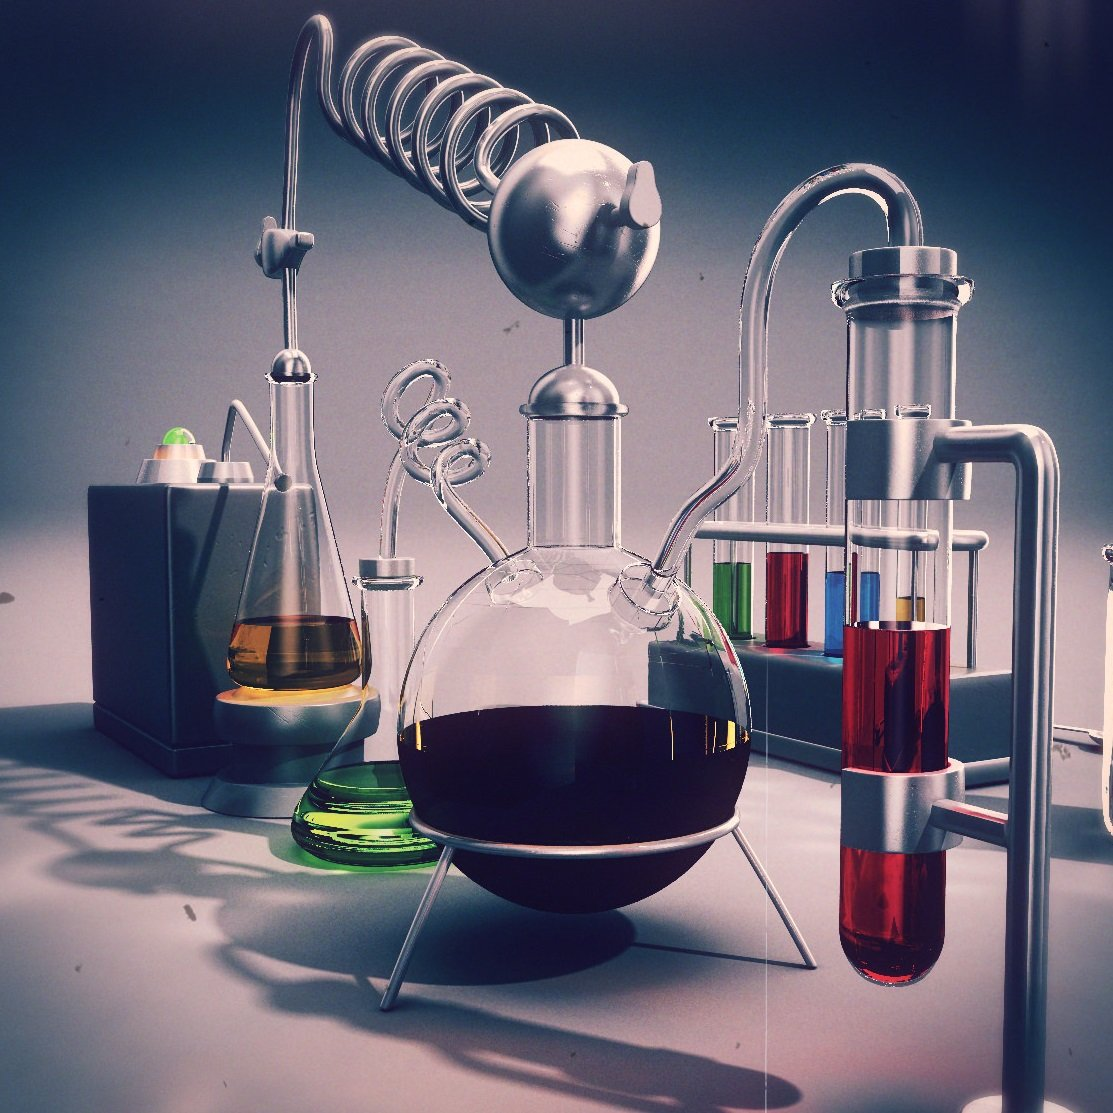 лес химические картинки для оформления картинку